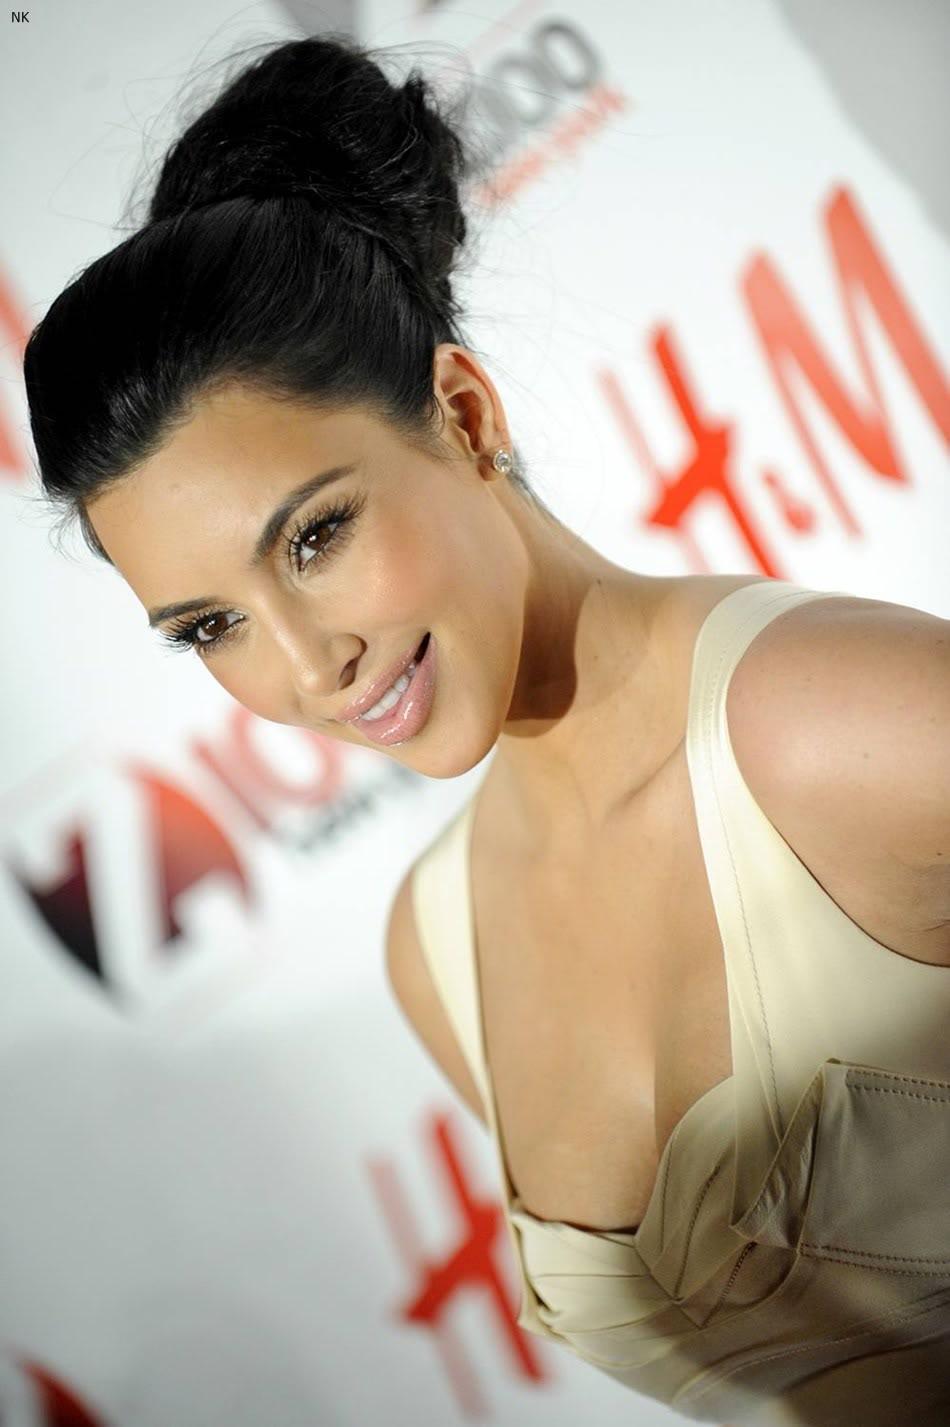 http://3.bp.blogspot.com/-pZElEyMHZV0/TbS5FTab4cI/AAAAAAAADwM/mX-Ei6zp1cg/s1600/kim_kardashian_dress%2B%25281%2529.jpg